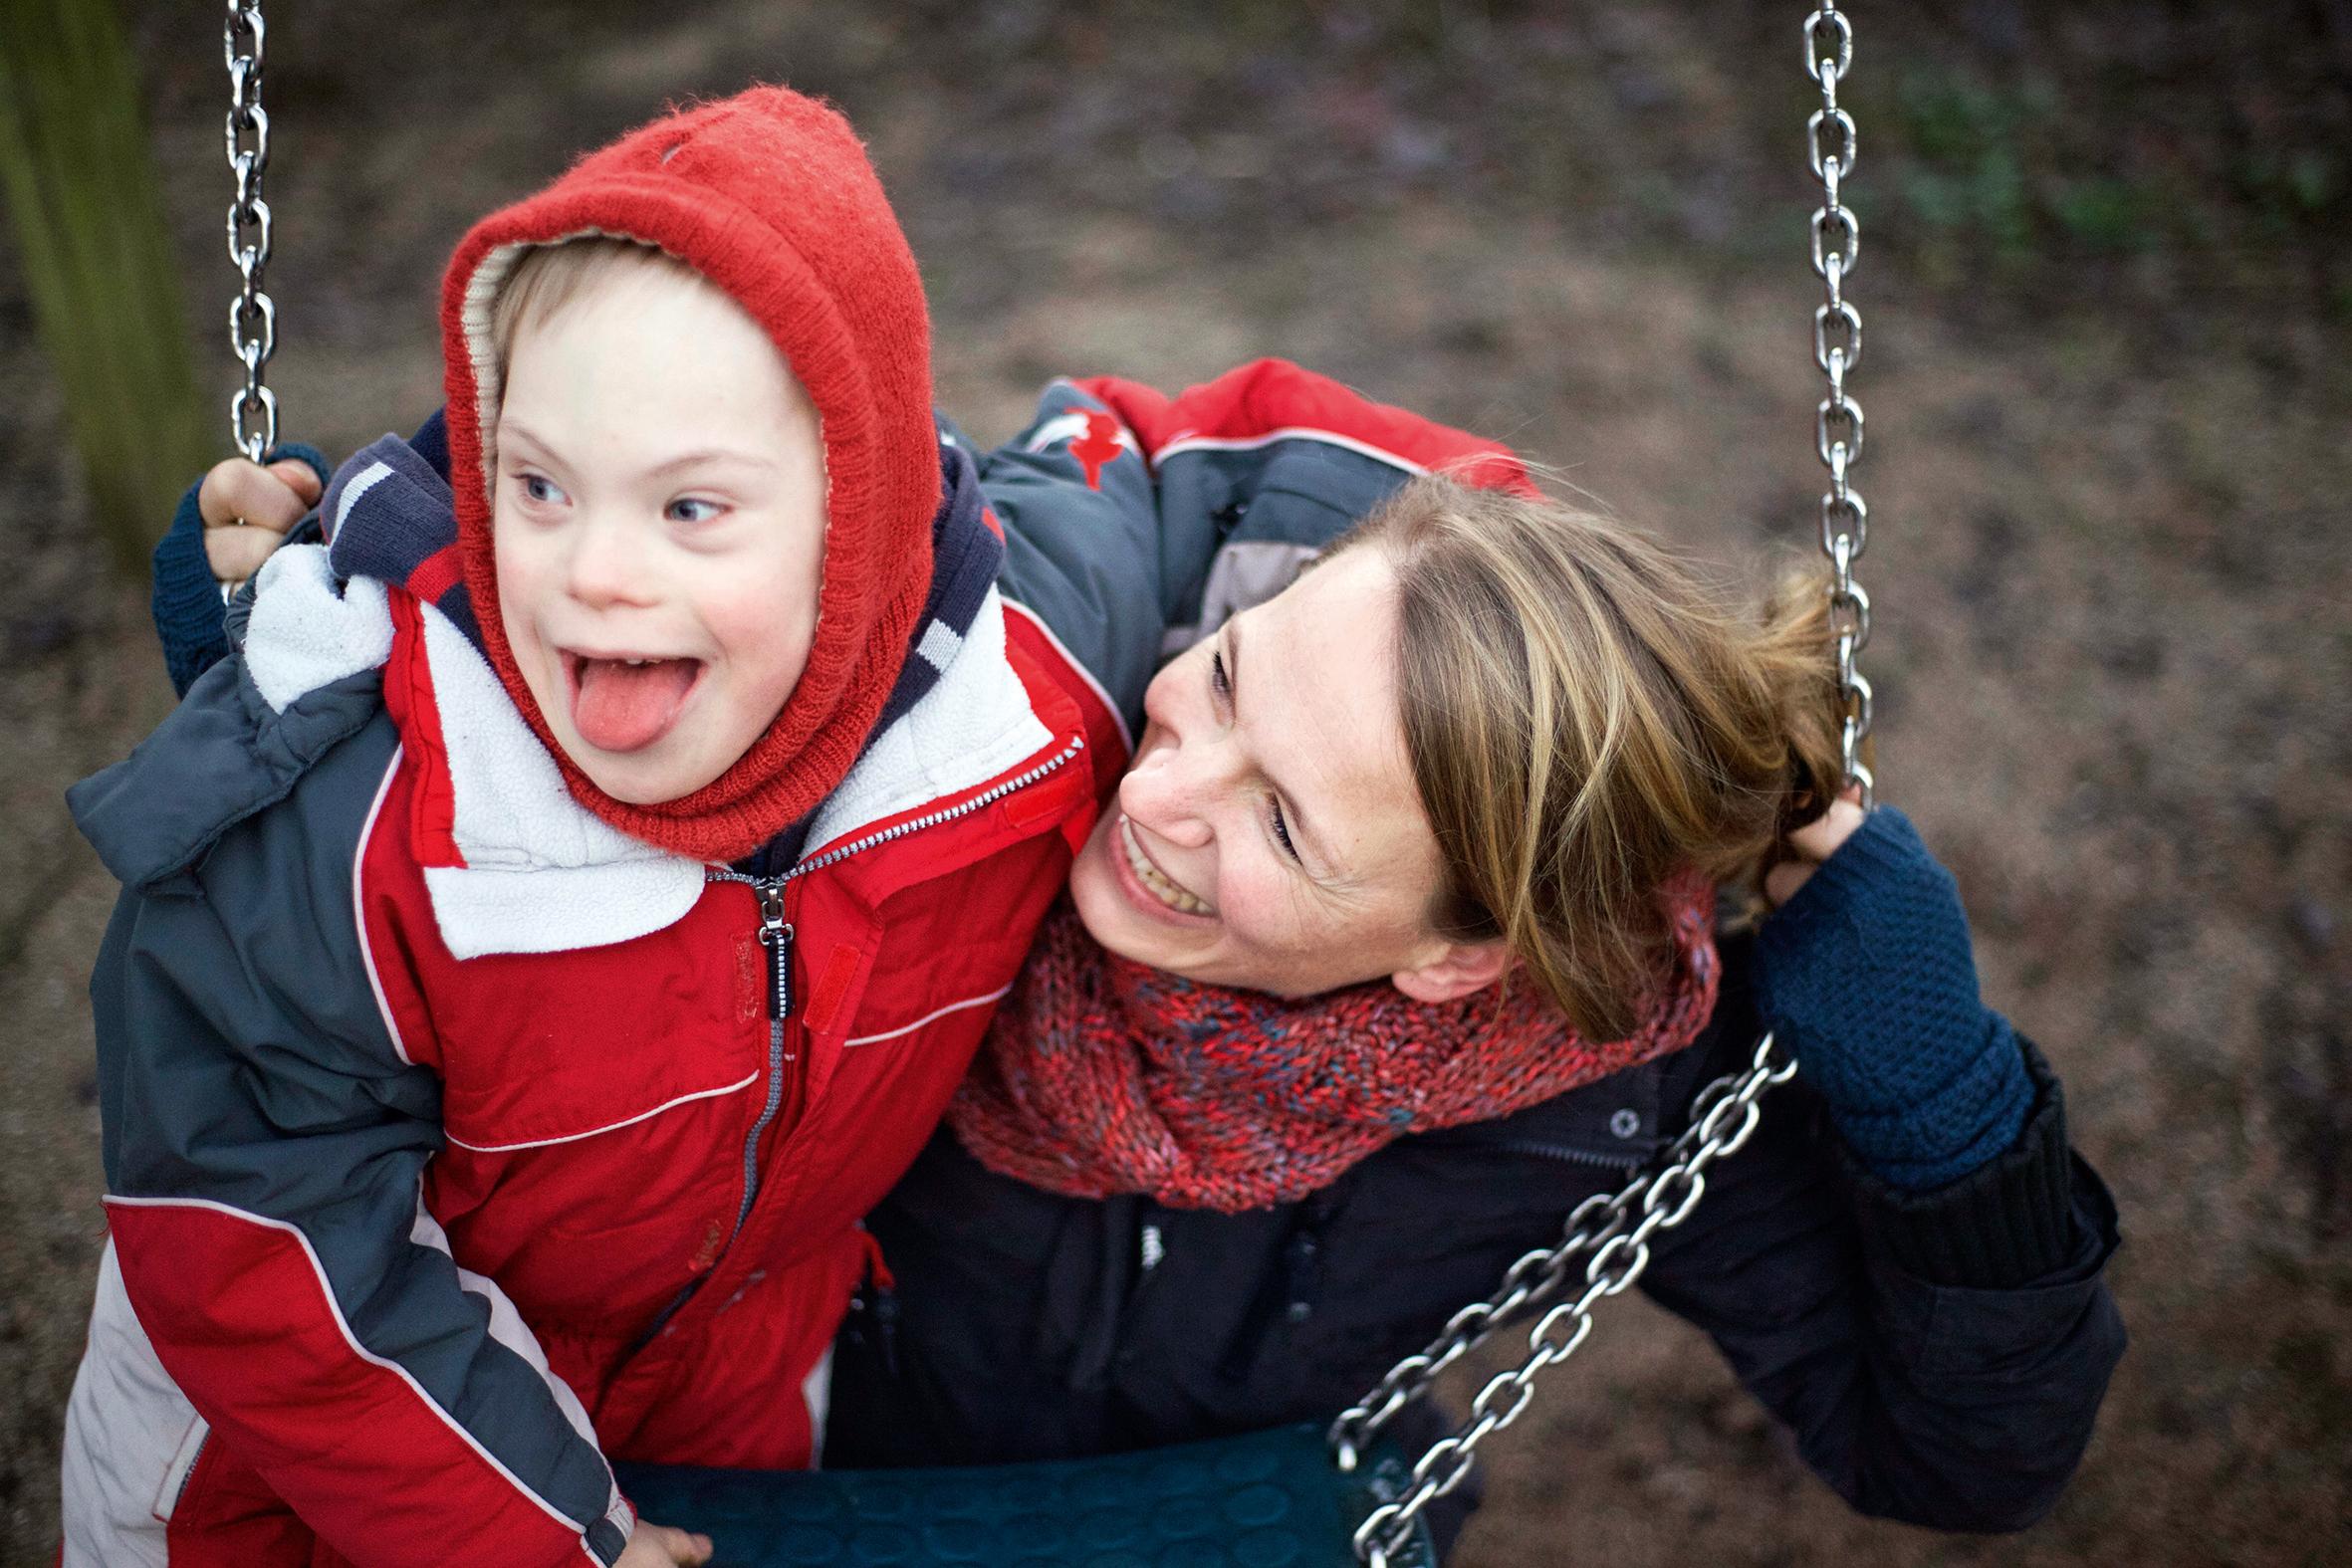 Birte Müller beugt sich zu ihrem Sohn Willi auf einer Kinderschaukel. Beide lachen herzlich.